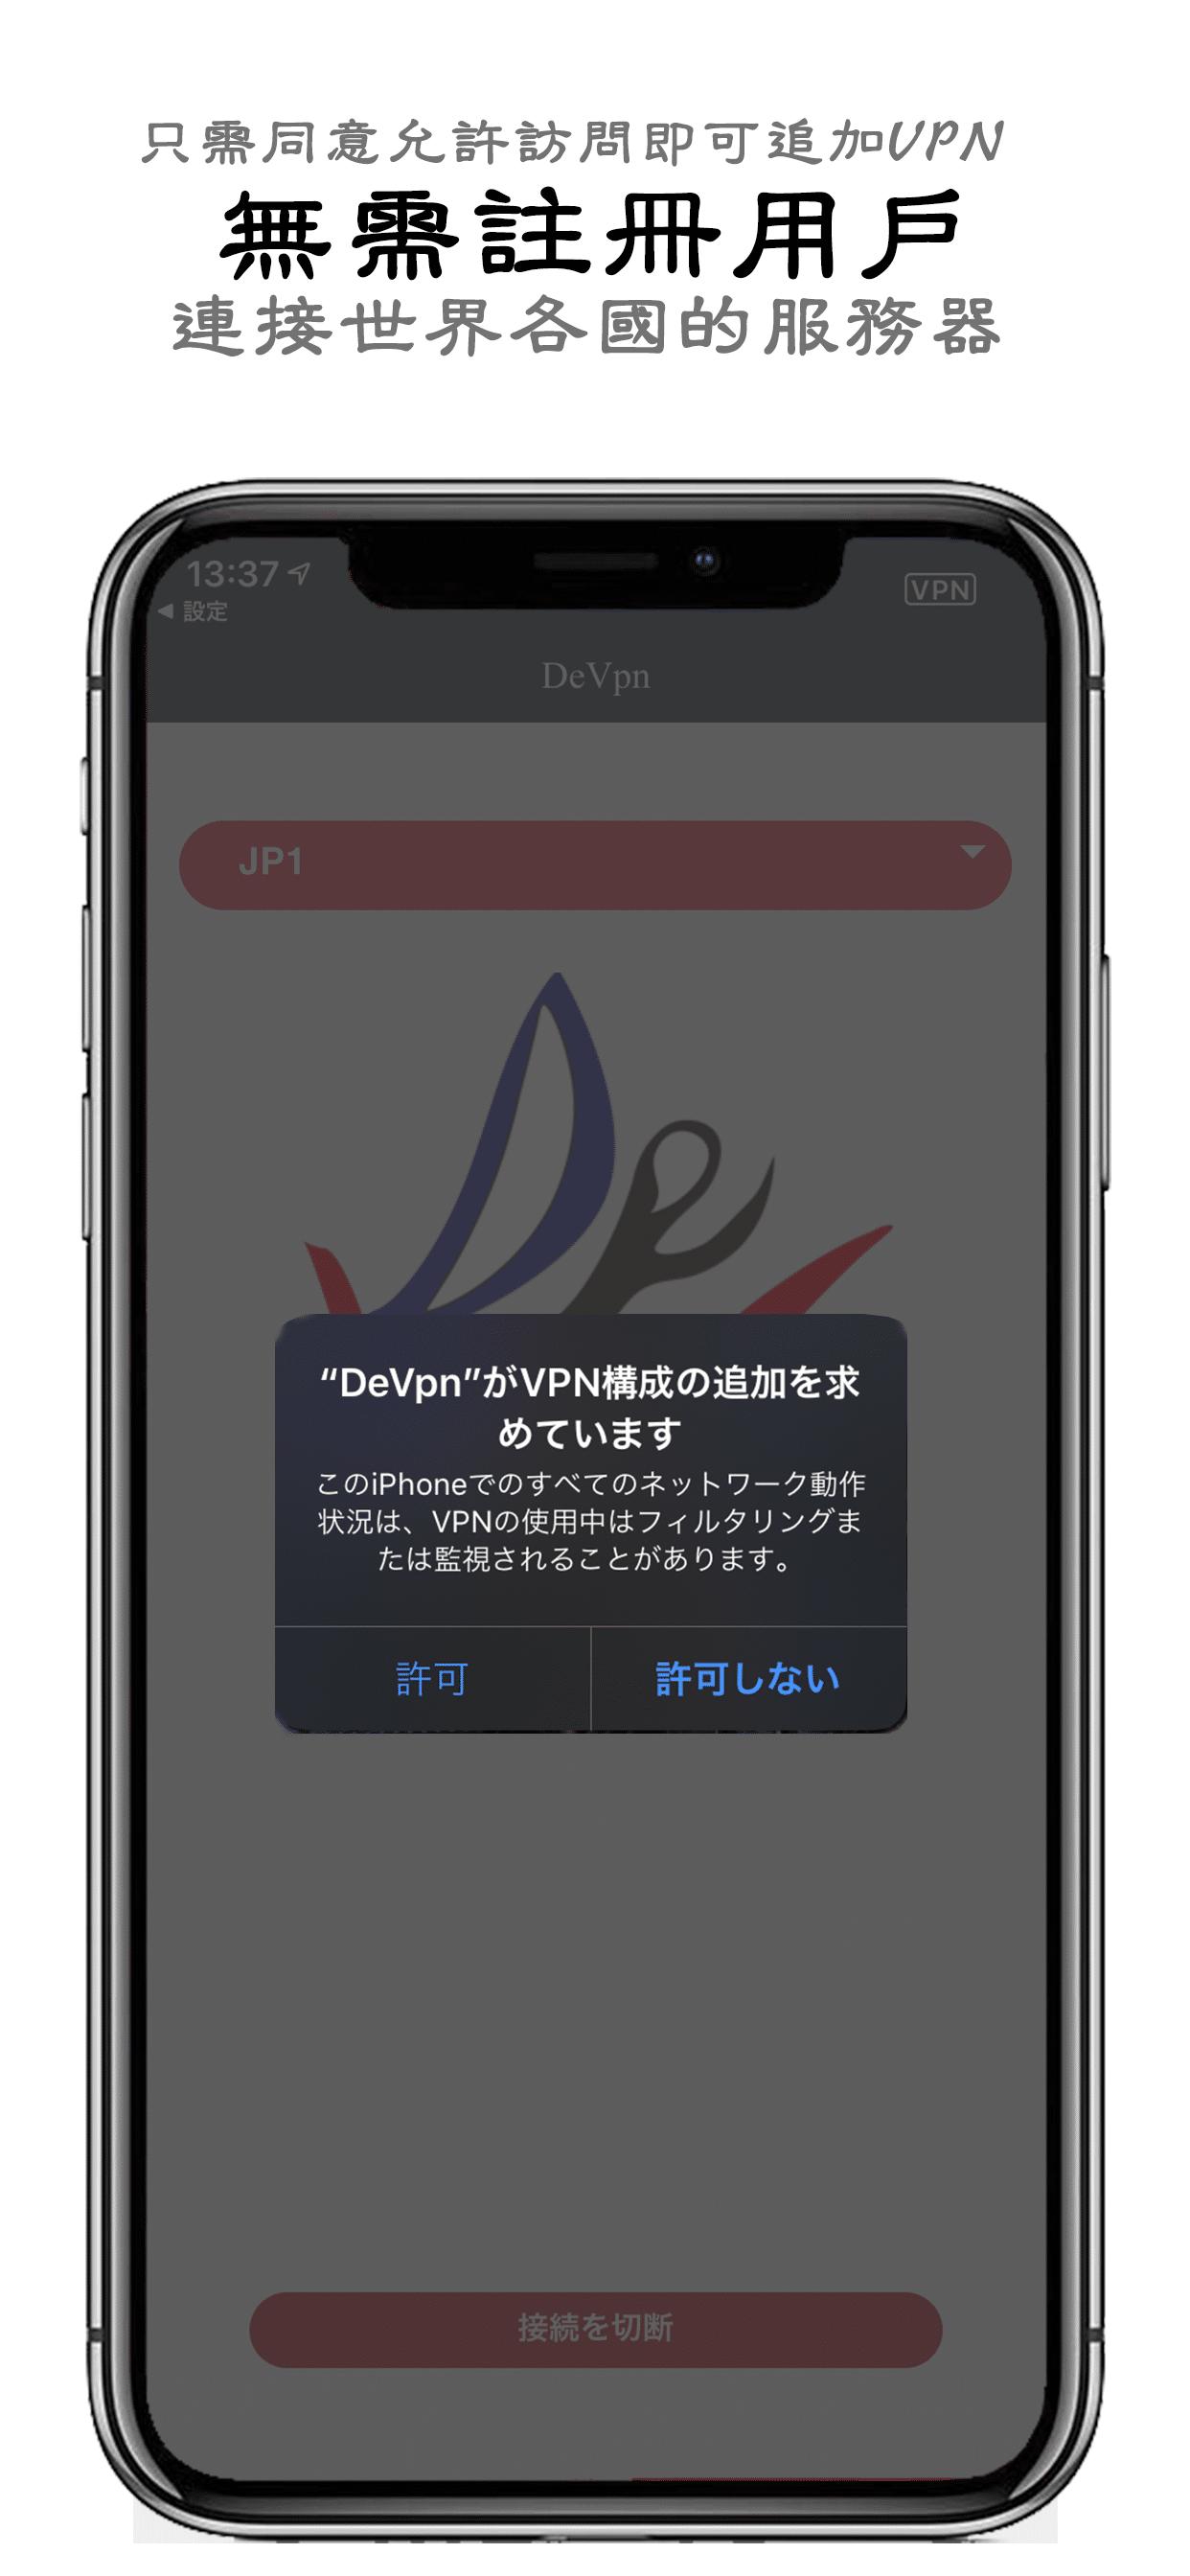 免費VPN DeVpn完全免費 無需註冊用戶